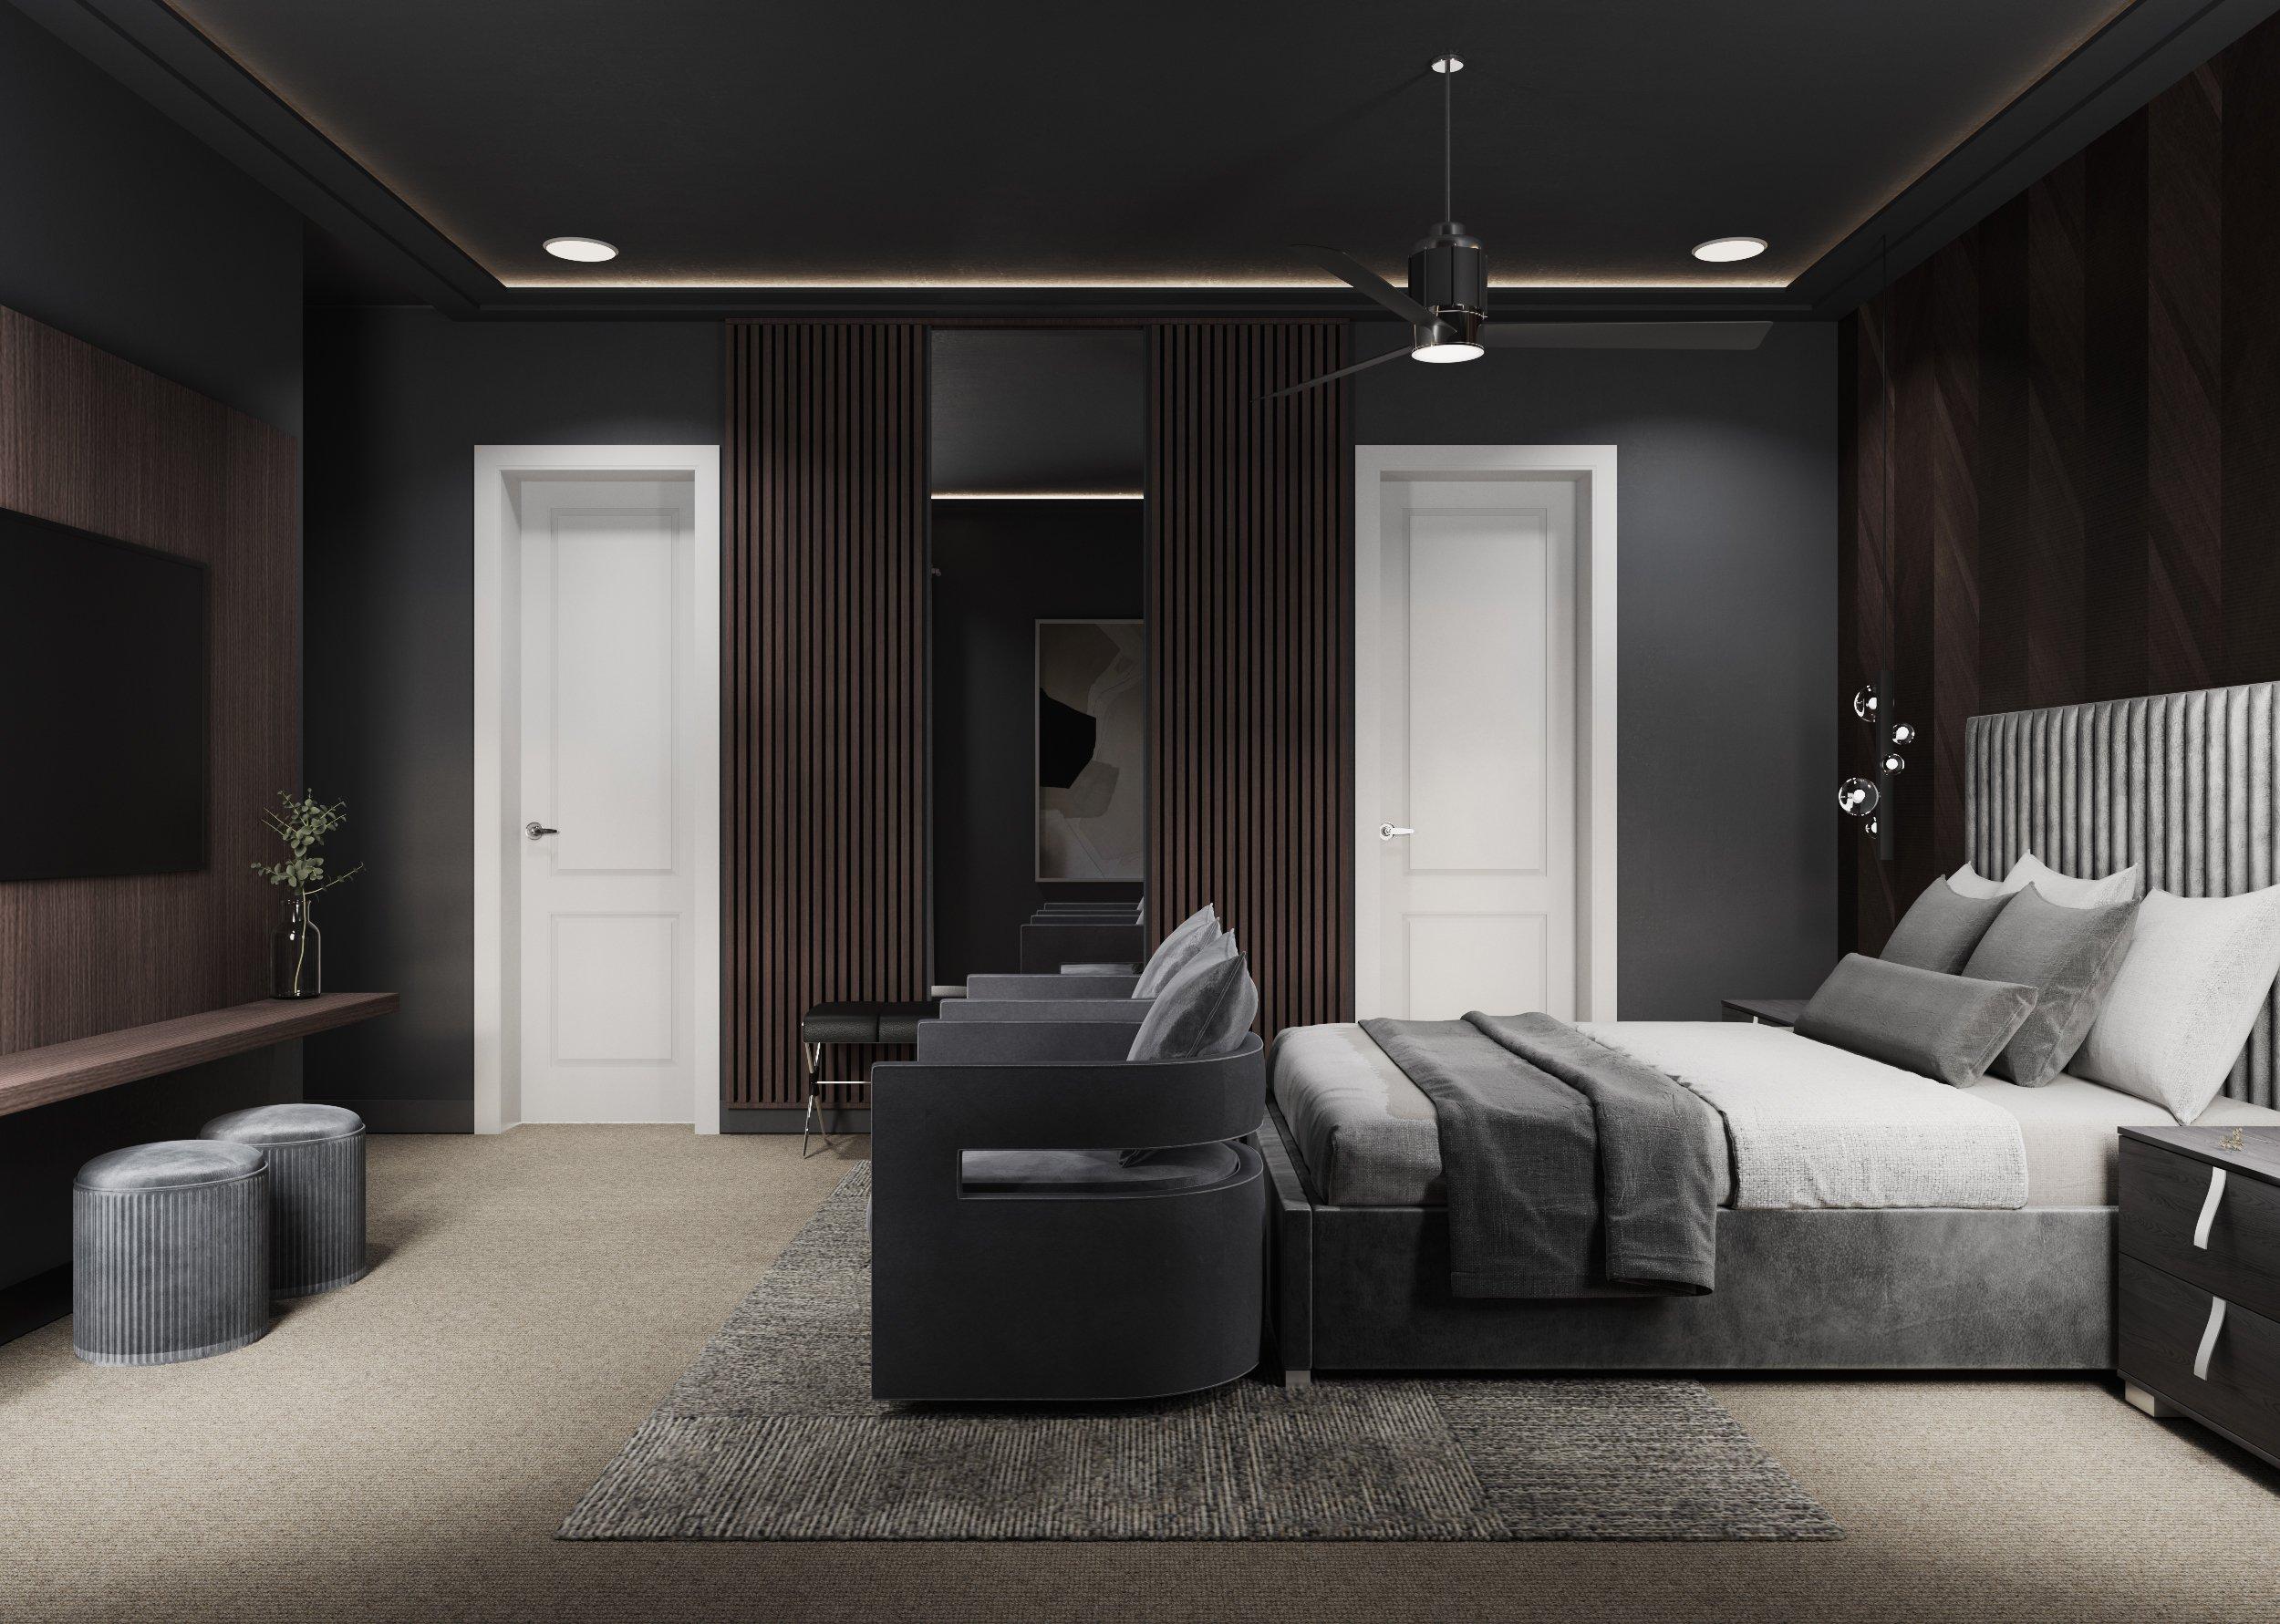 Noah's Master Bedroom 1